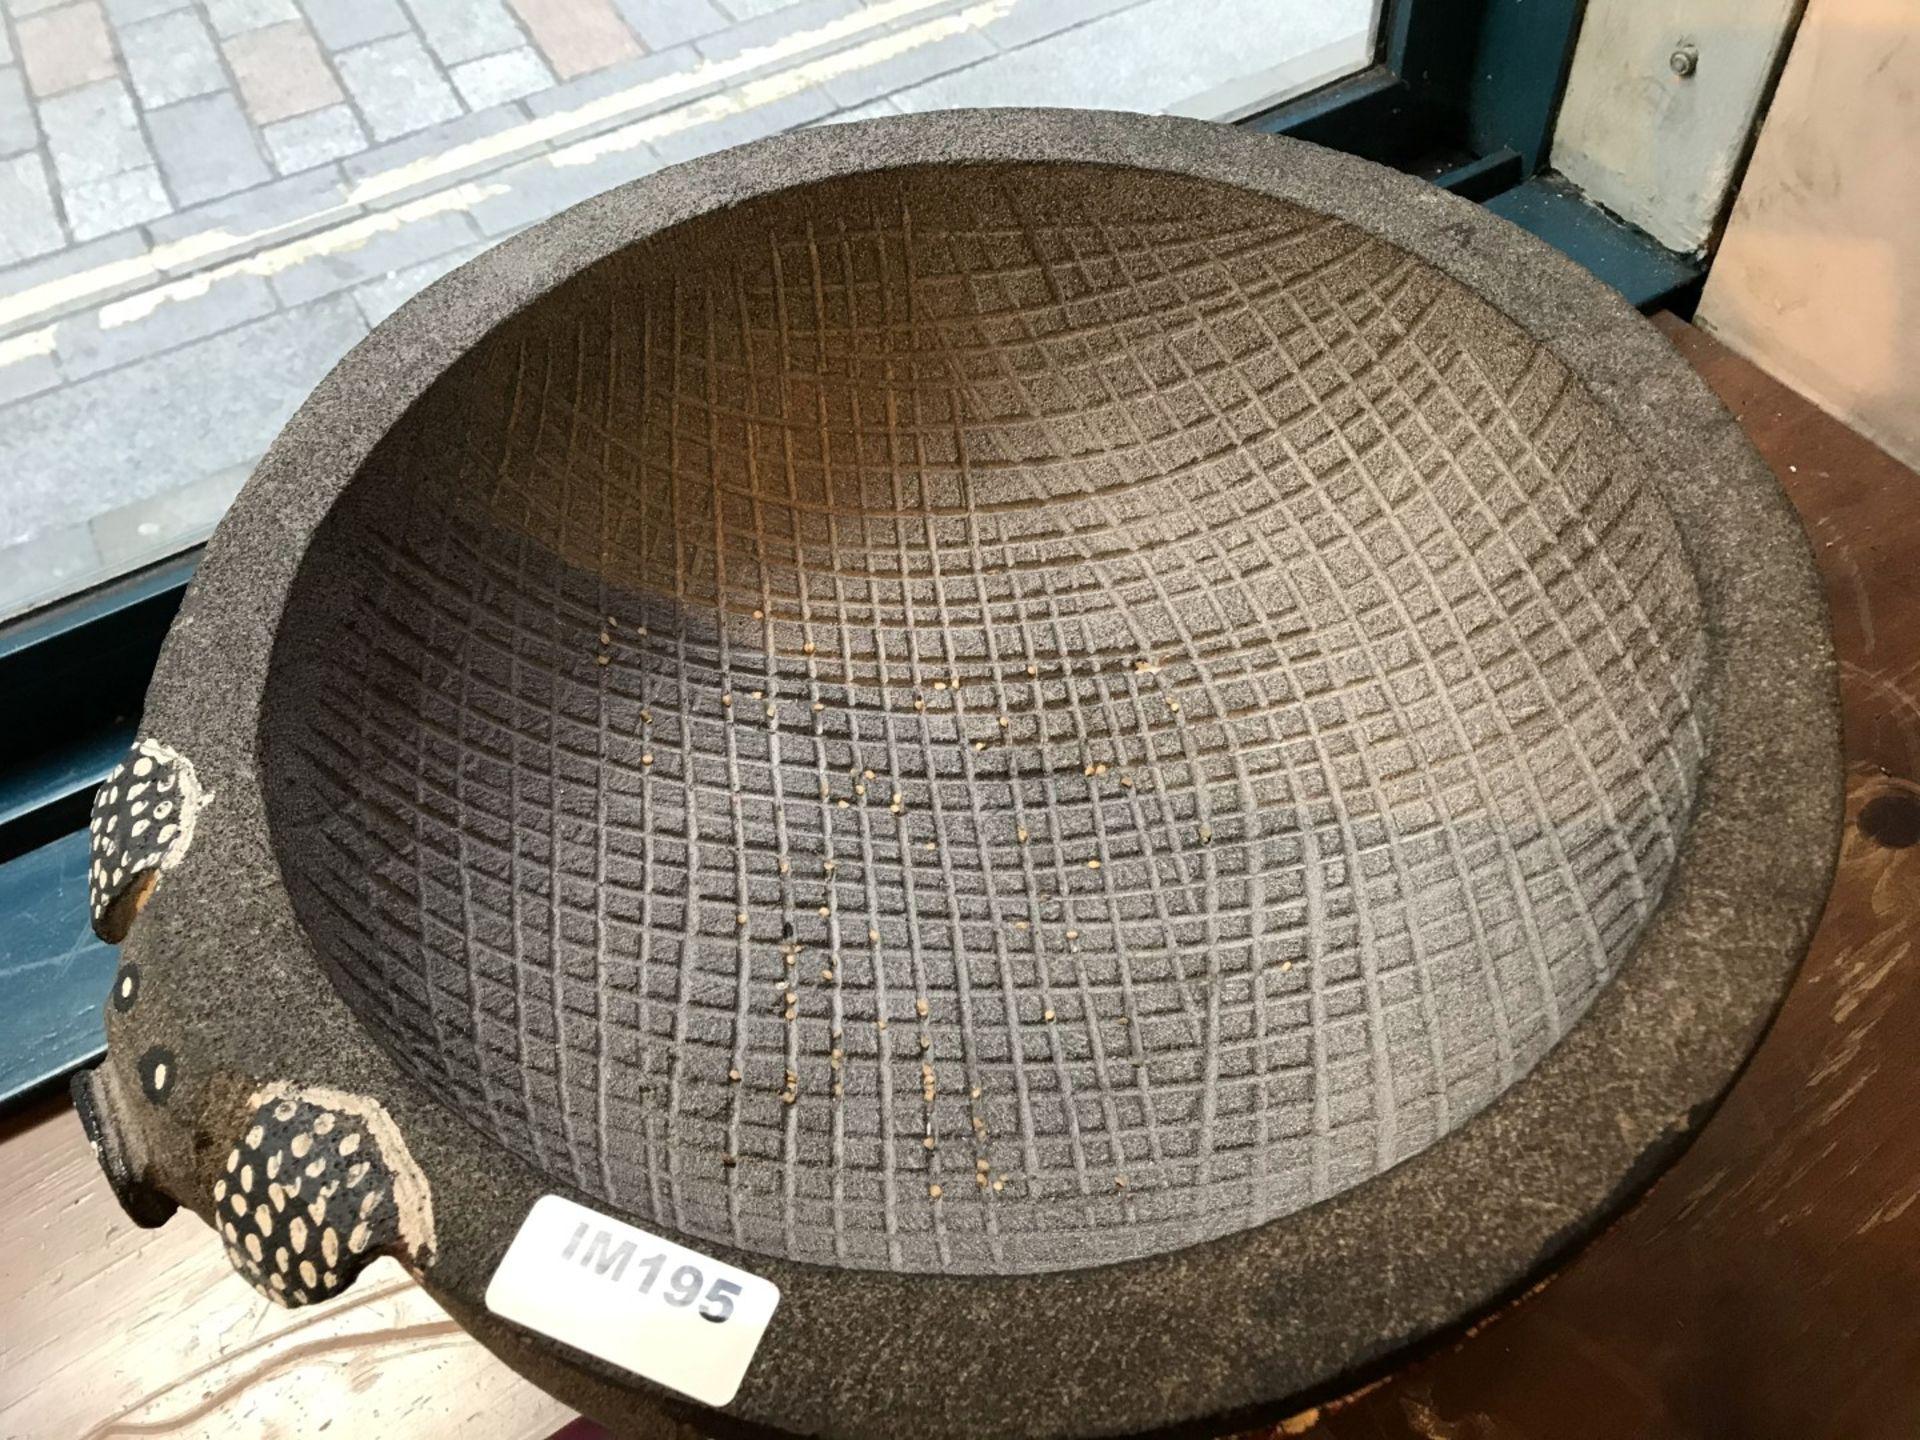 1 x Stone Pig Style Dahaca Folk Art Griding Bowl - Size H30 x W40 cms - CL554 - Ref IM195 - - Image 3 of 5